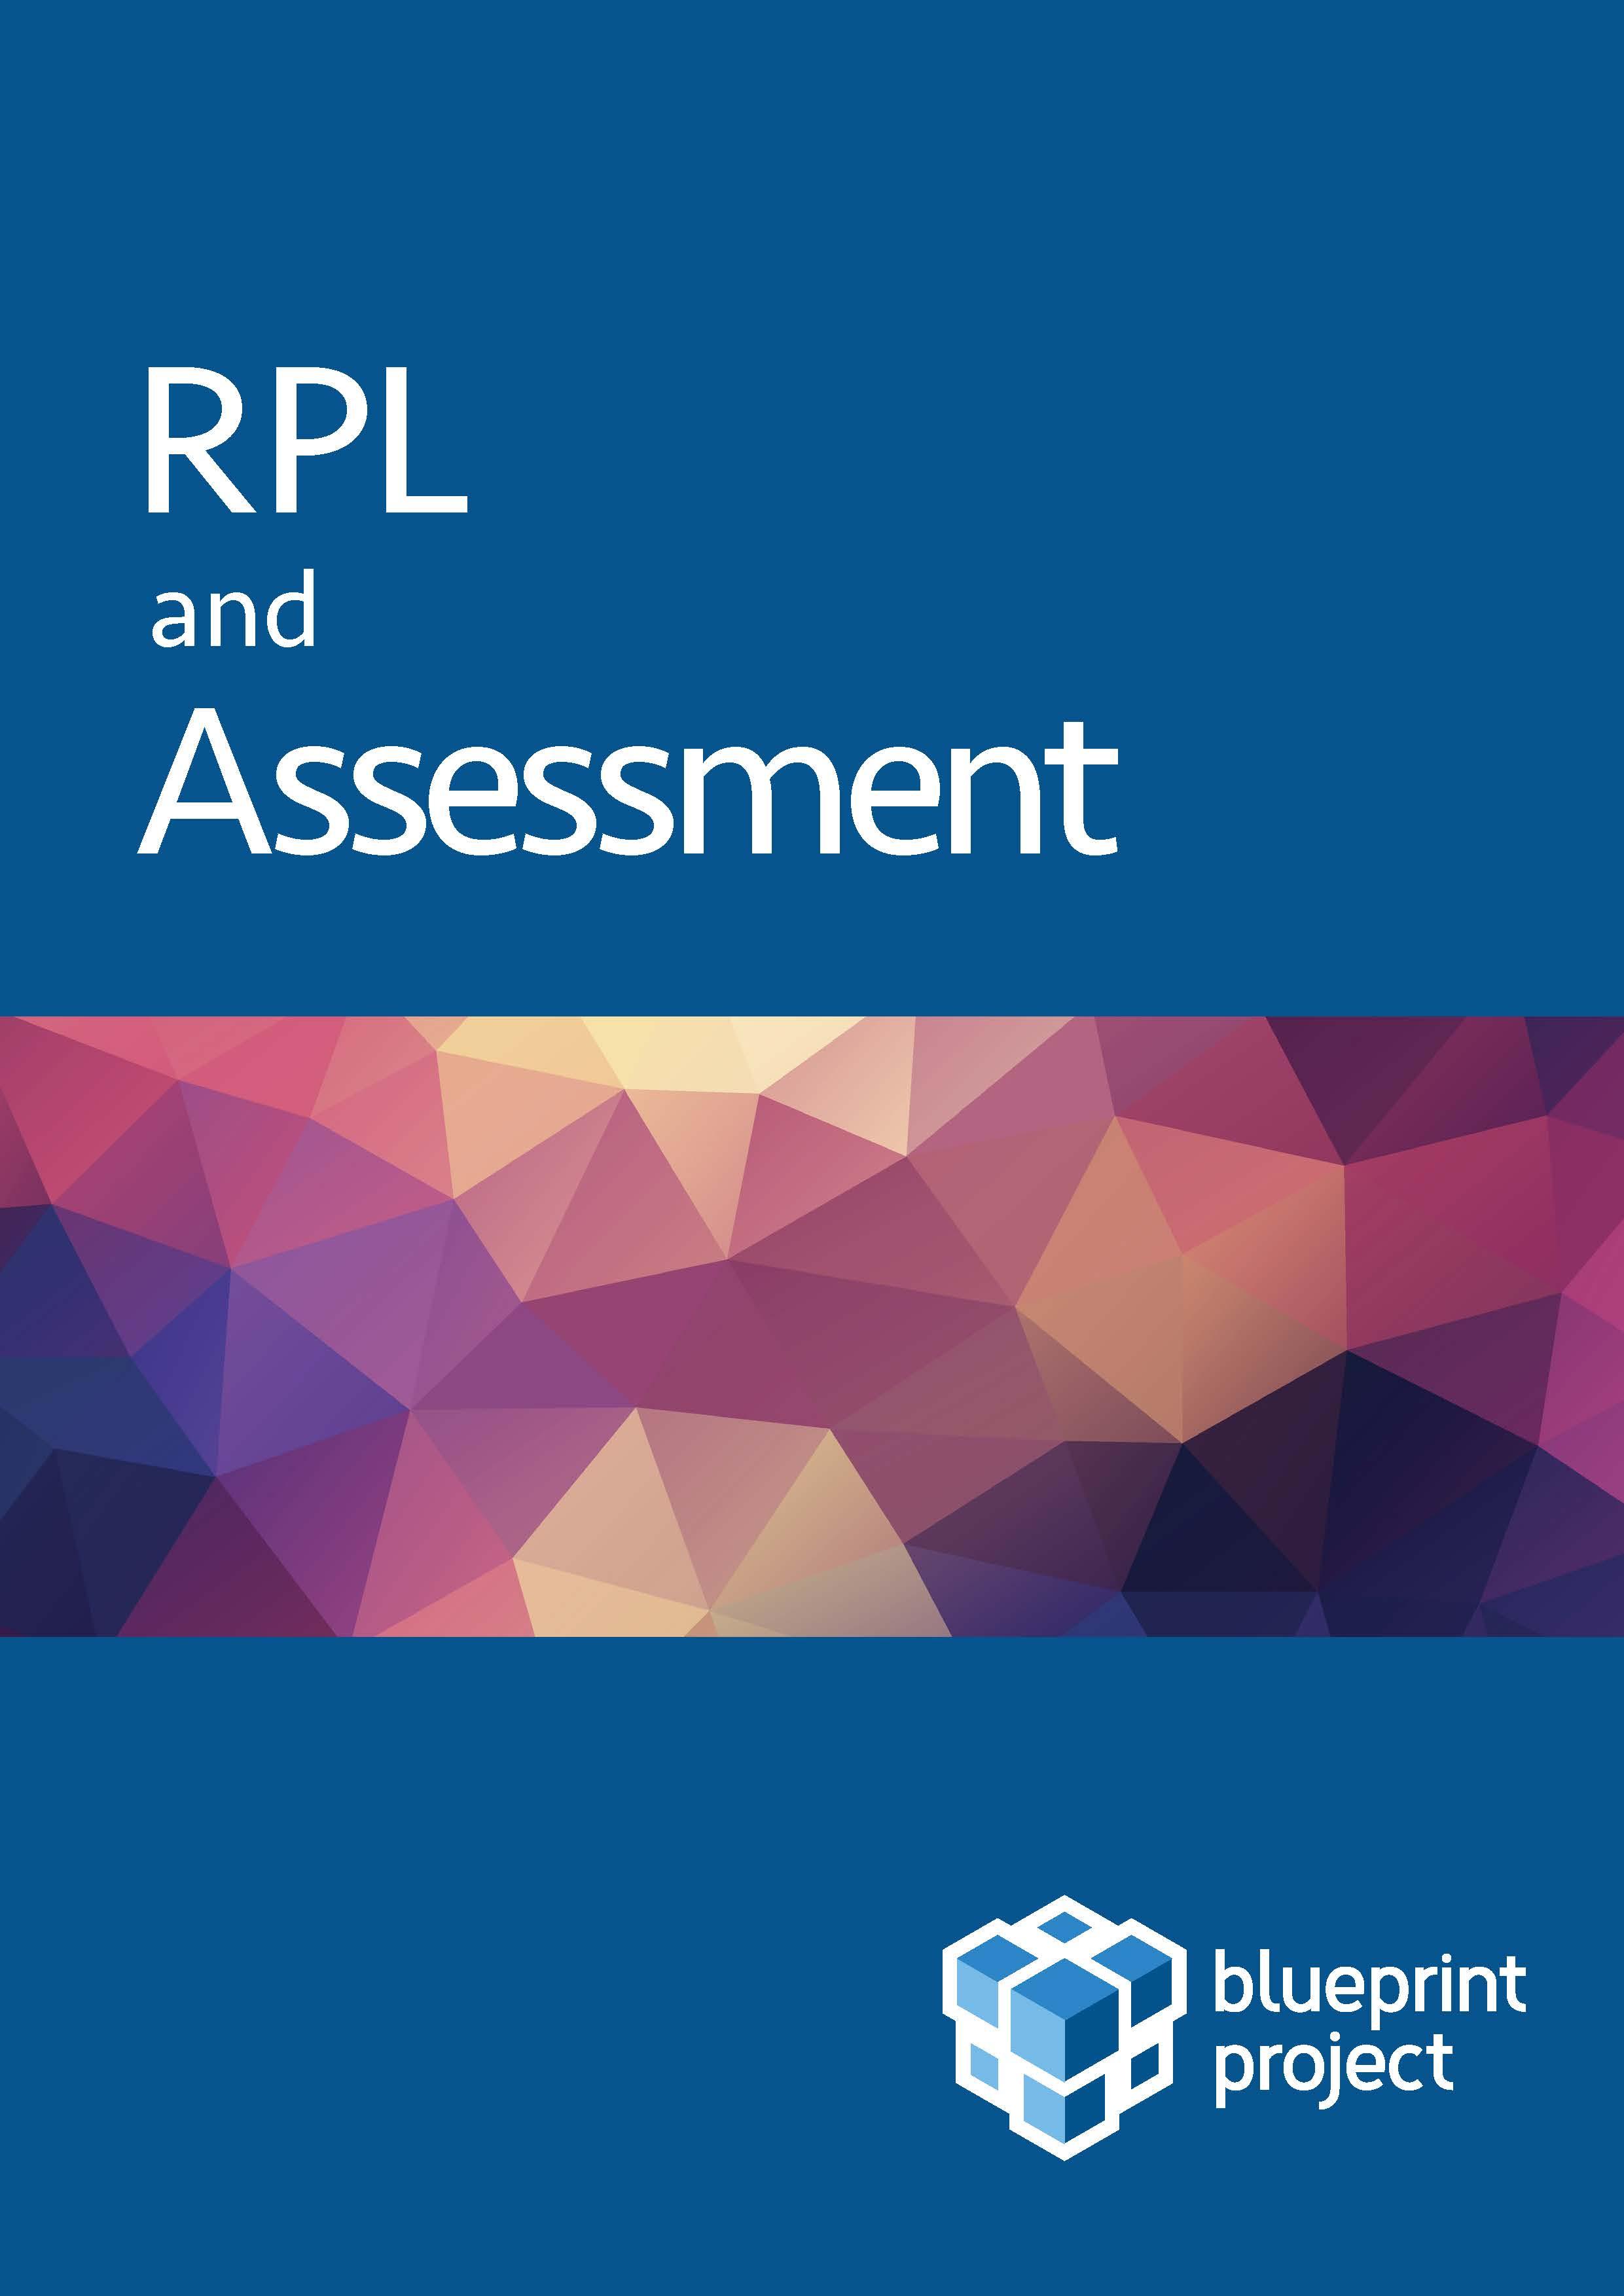 NEW RPL-Assessment Landing Page.jpg